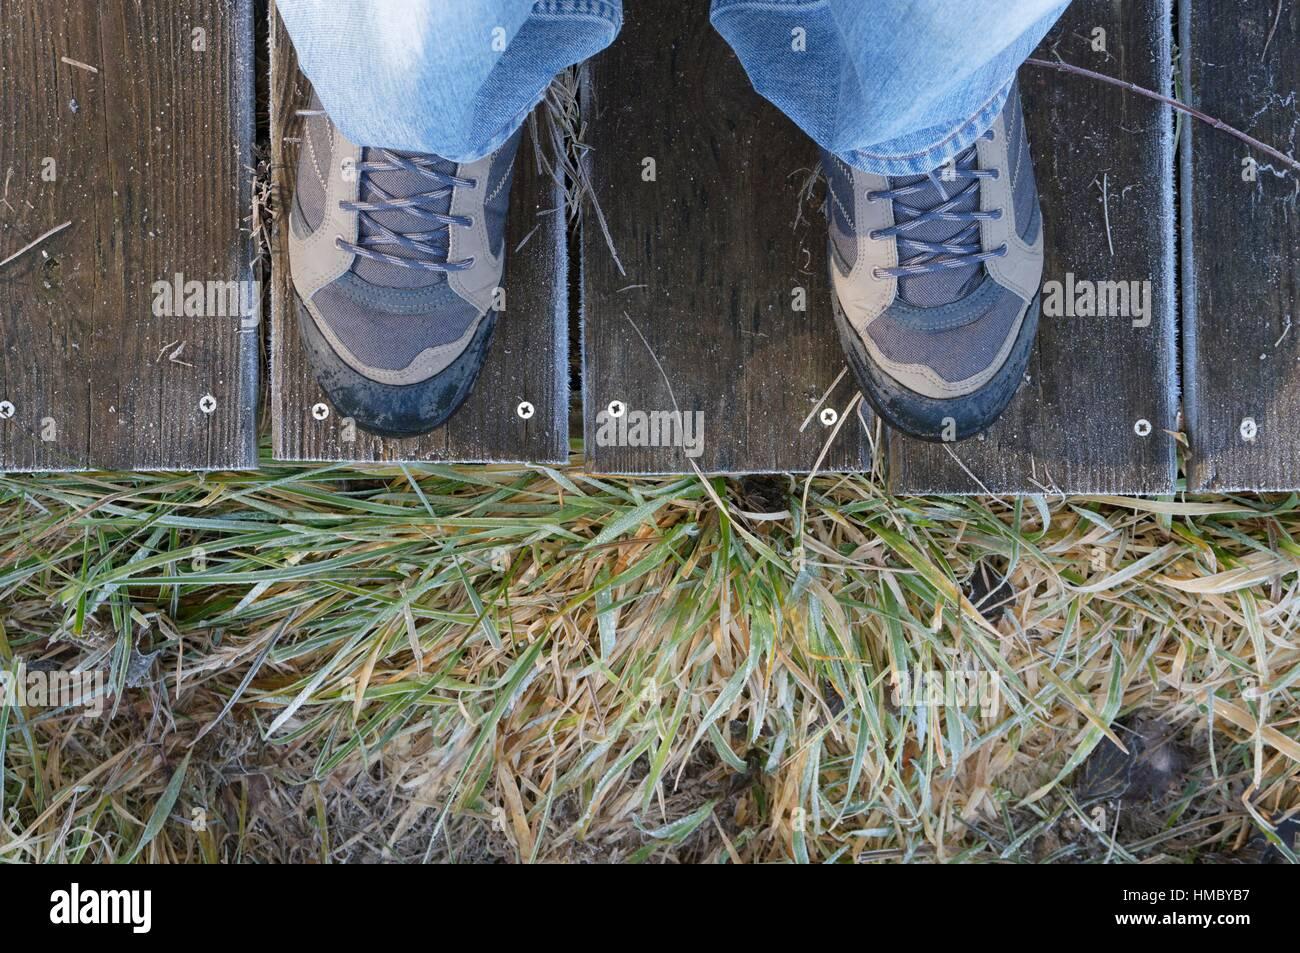 Vista verso il basso di scarponi a bordo a piedi ed erbe di Moro Immagini Stock